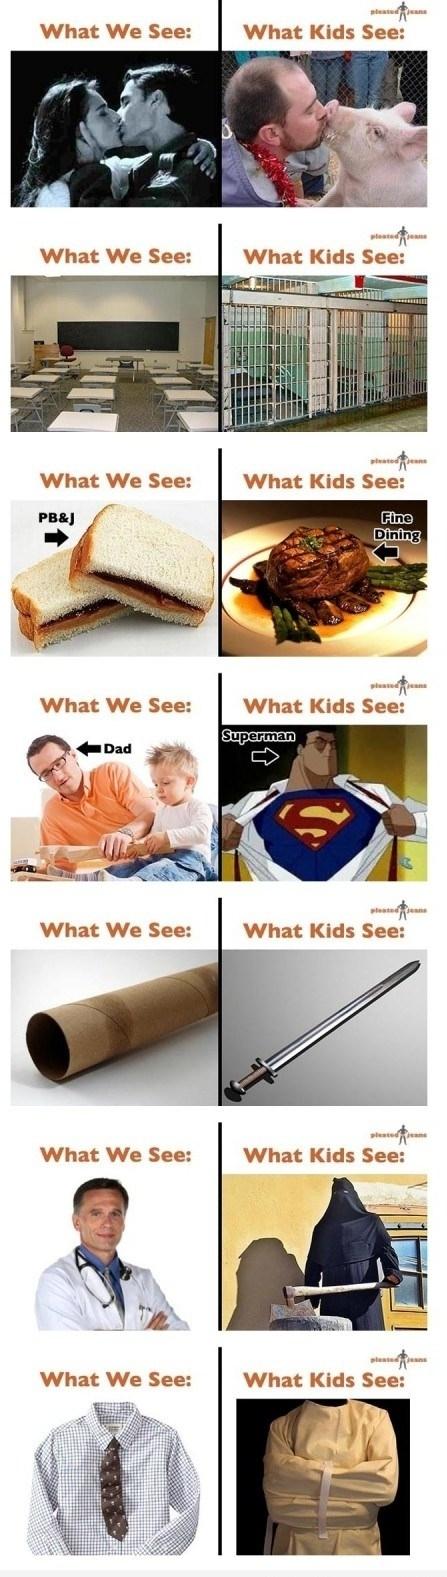 Kids See..We See